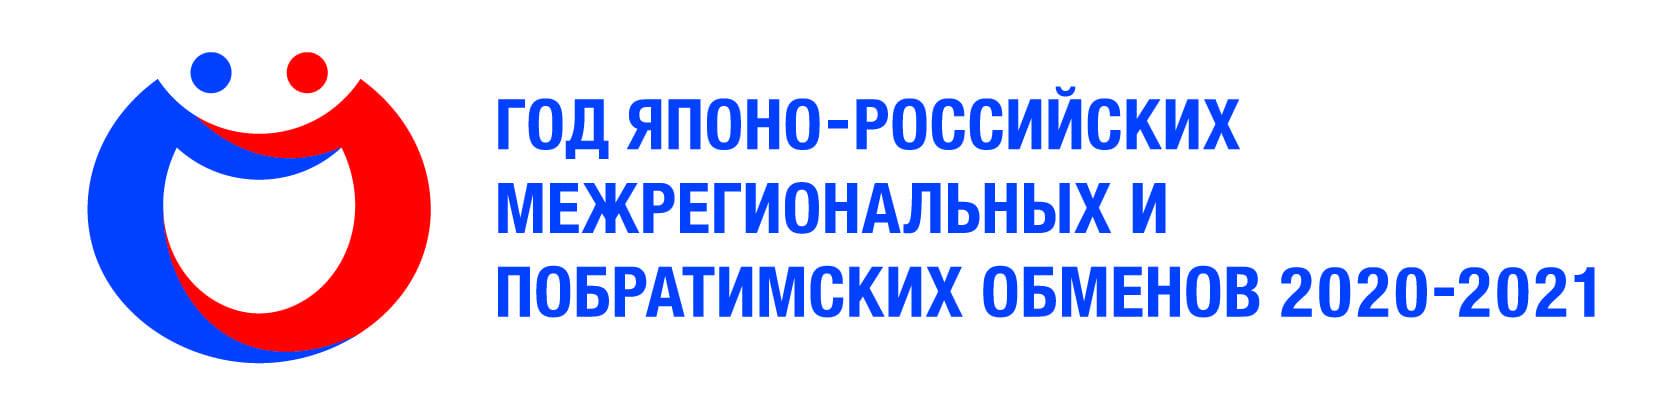 JYIR_2020_Russian_B_4C